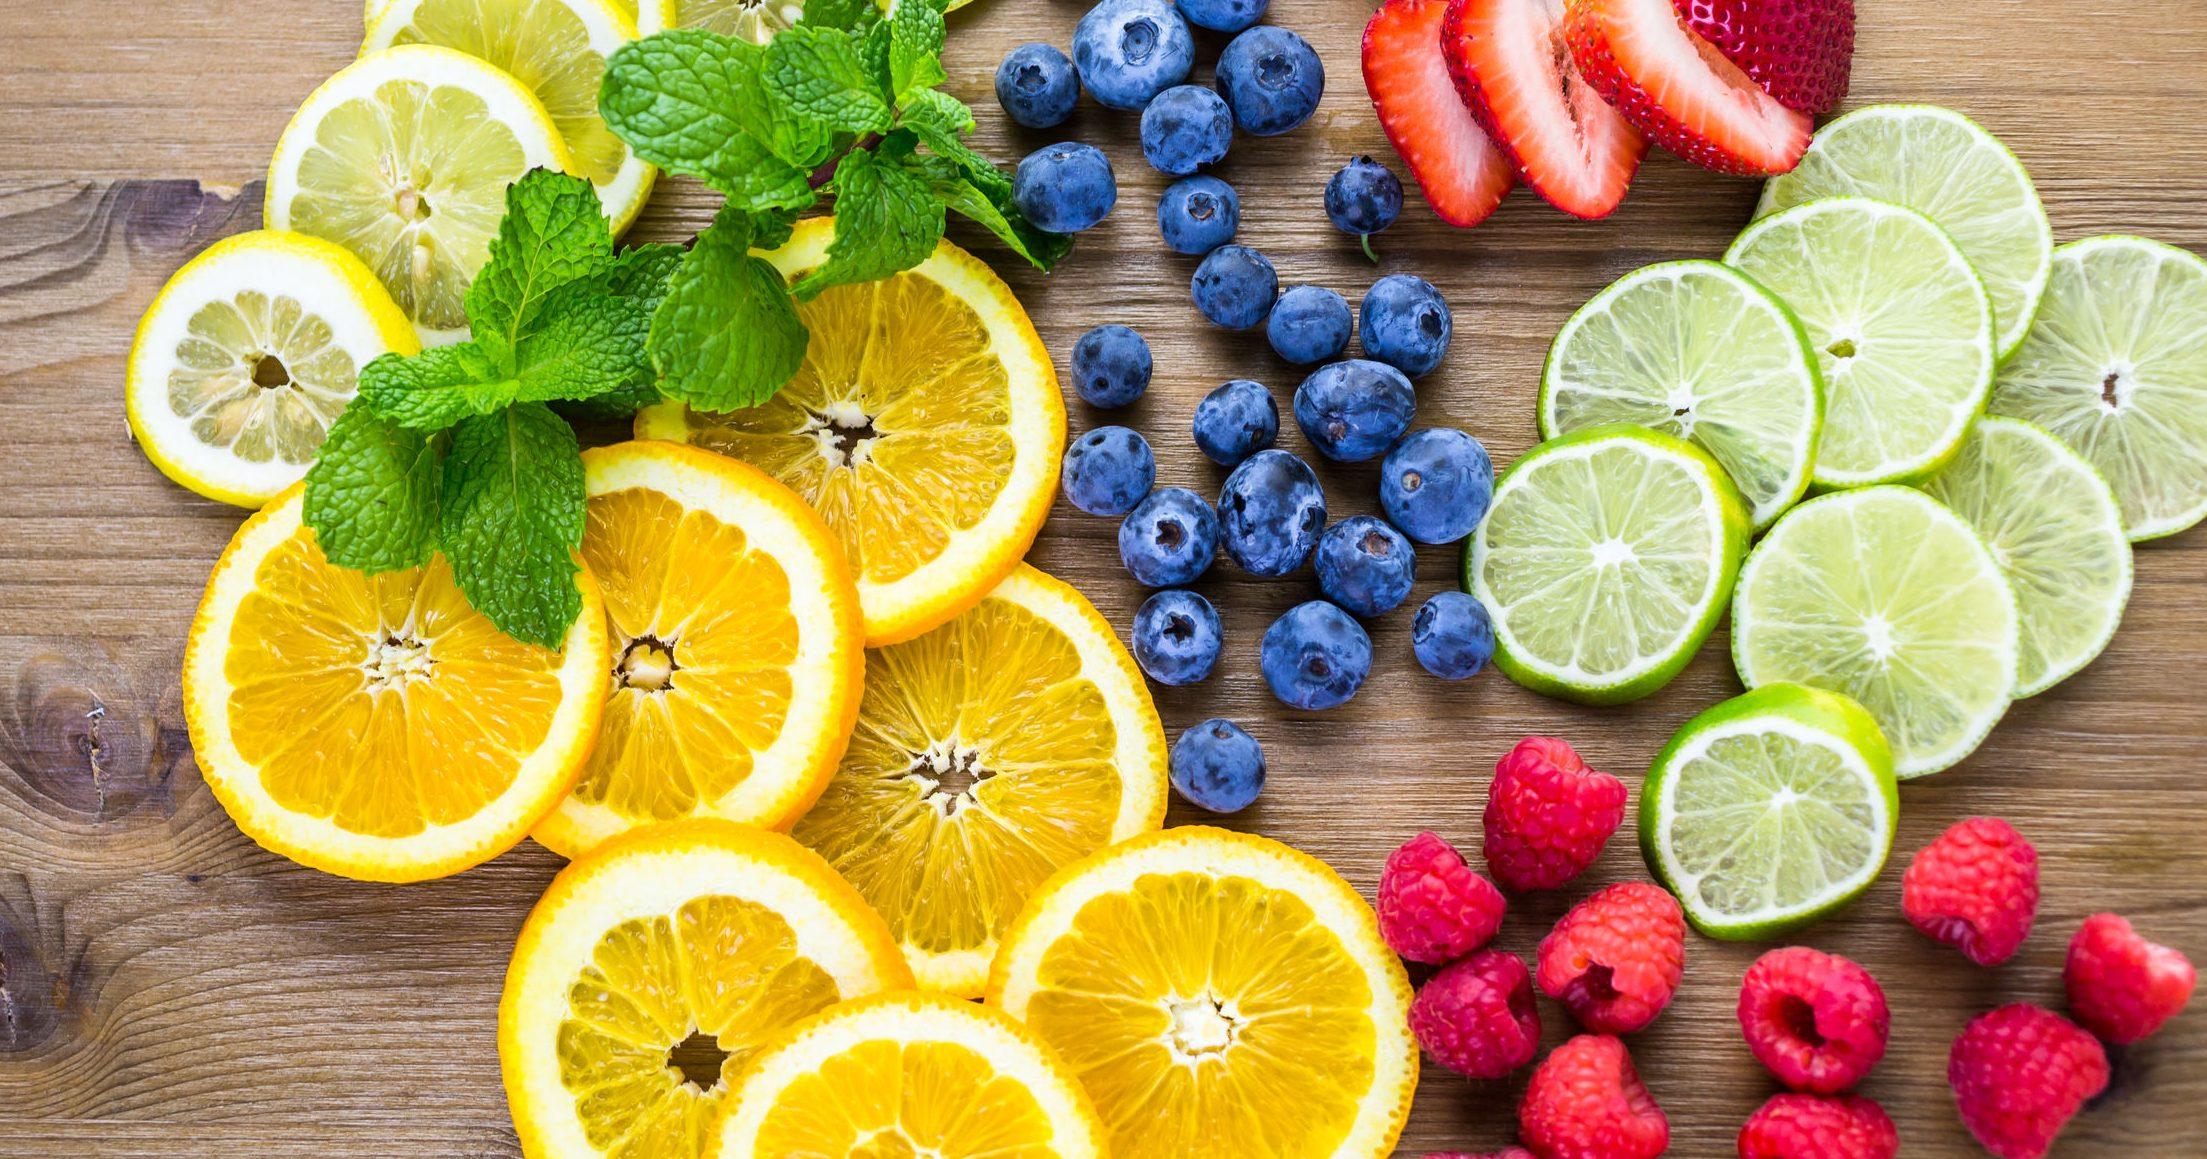 Excesso de vitamina C: Quais são suas consequências?